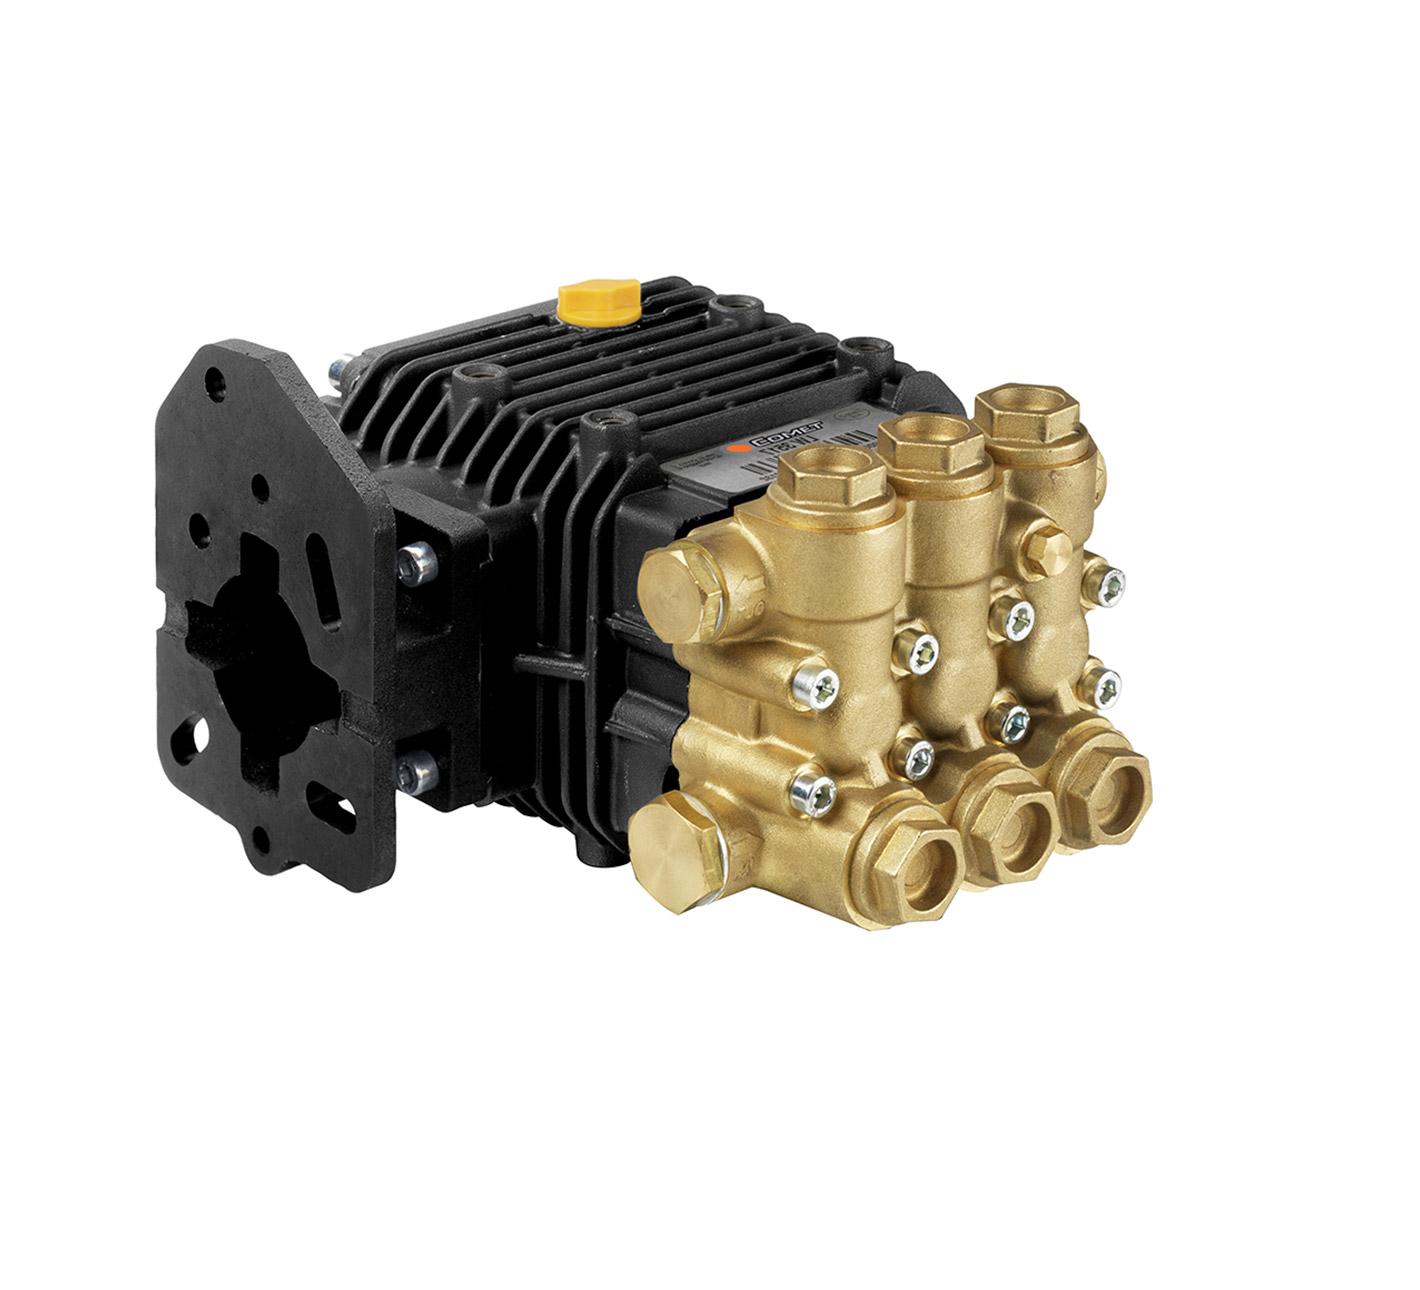 lws Comet Industrial Pumps